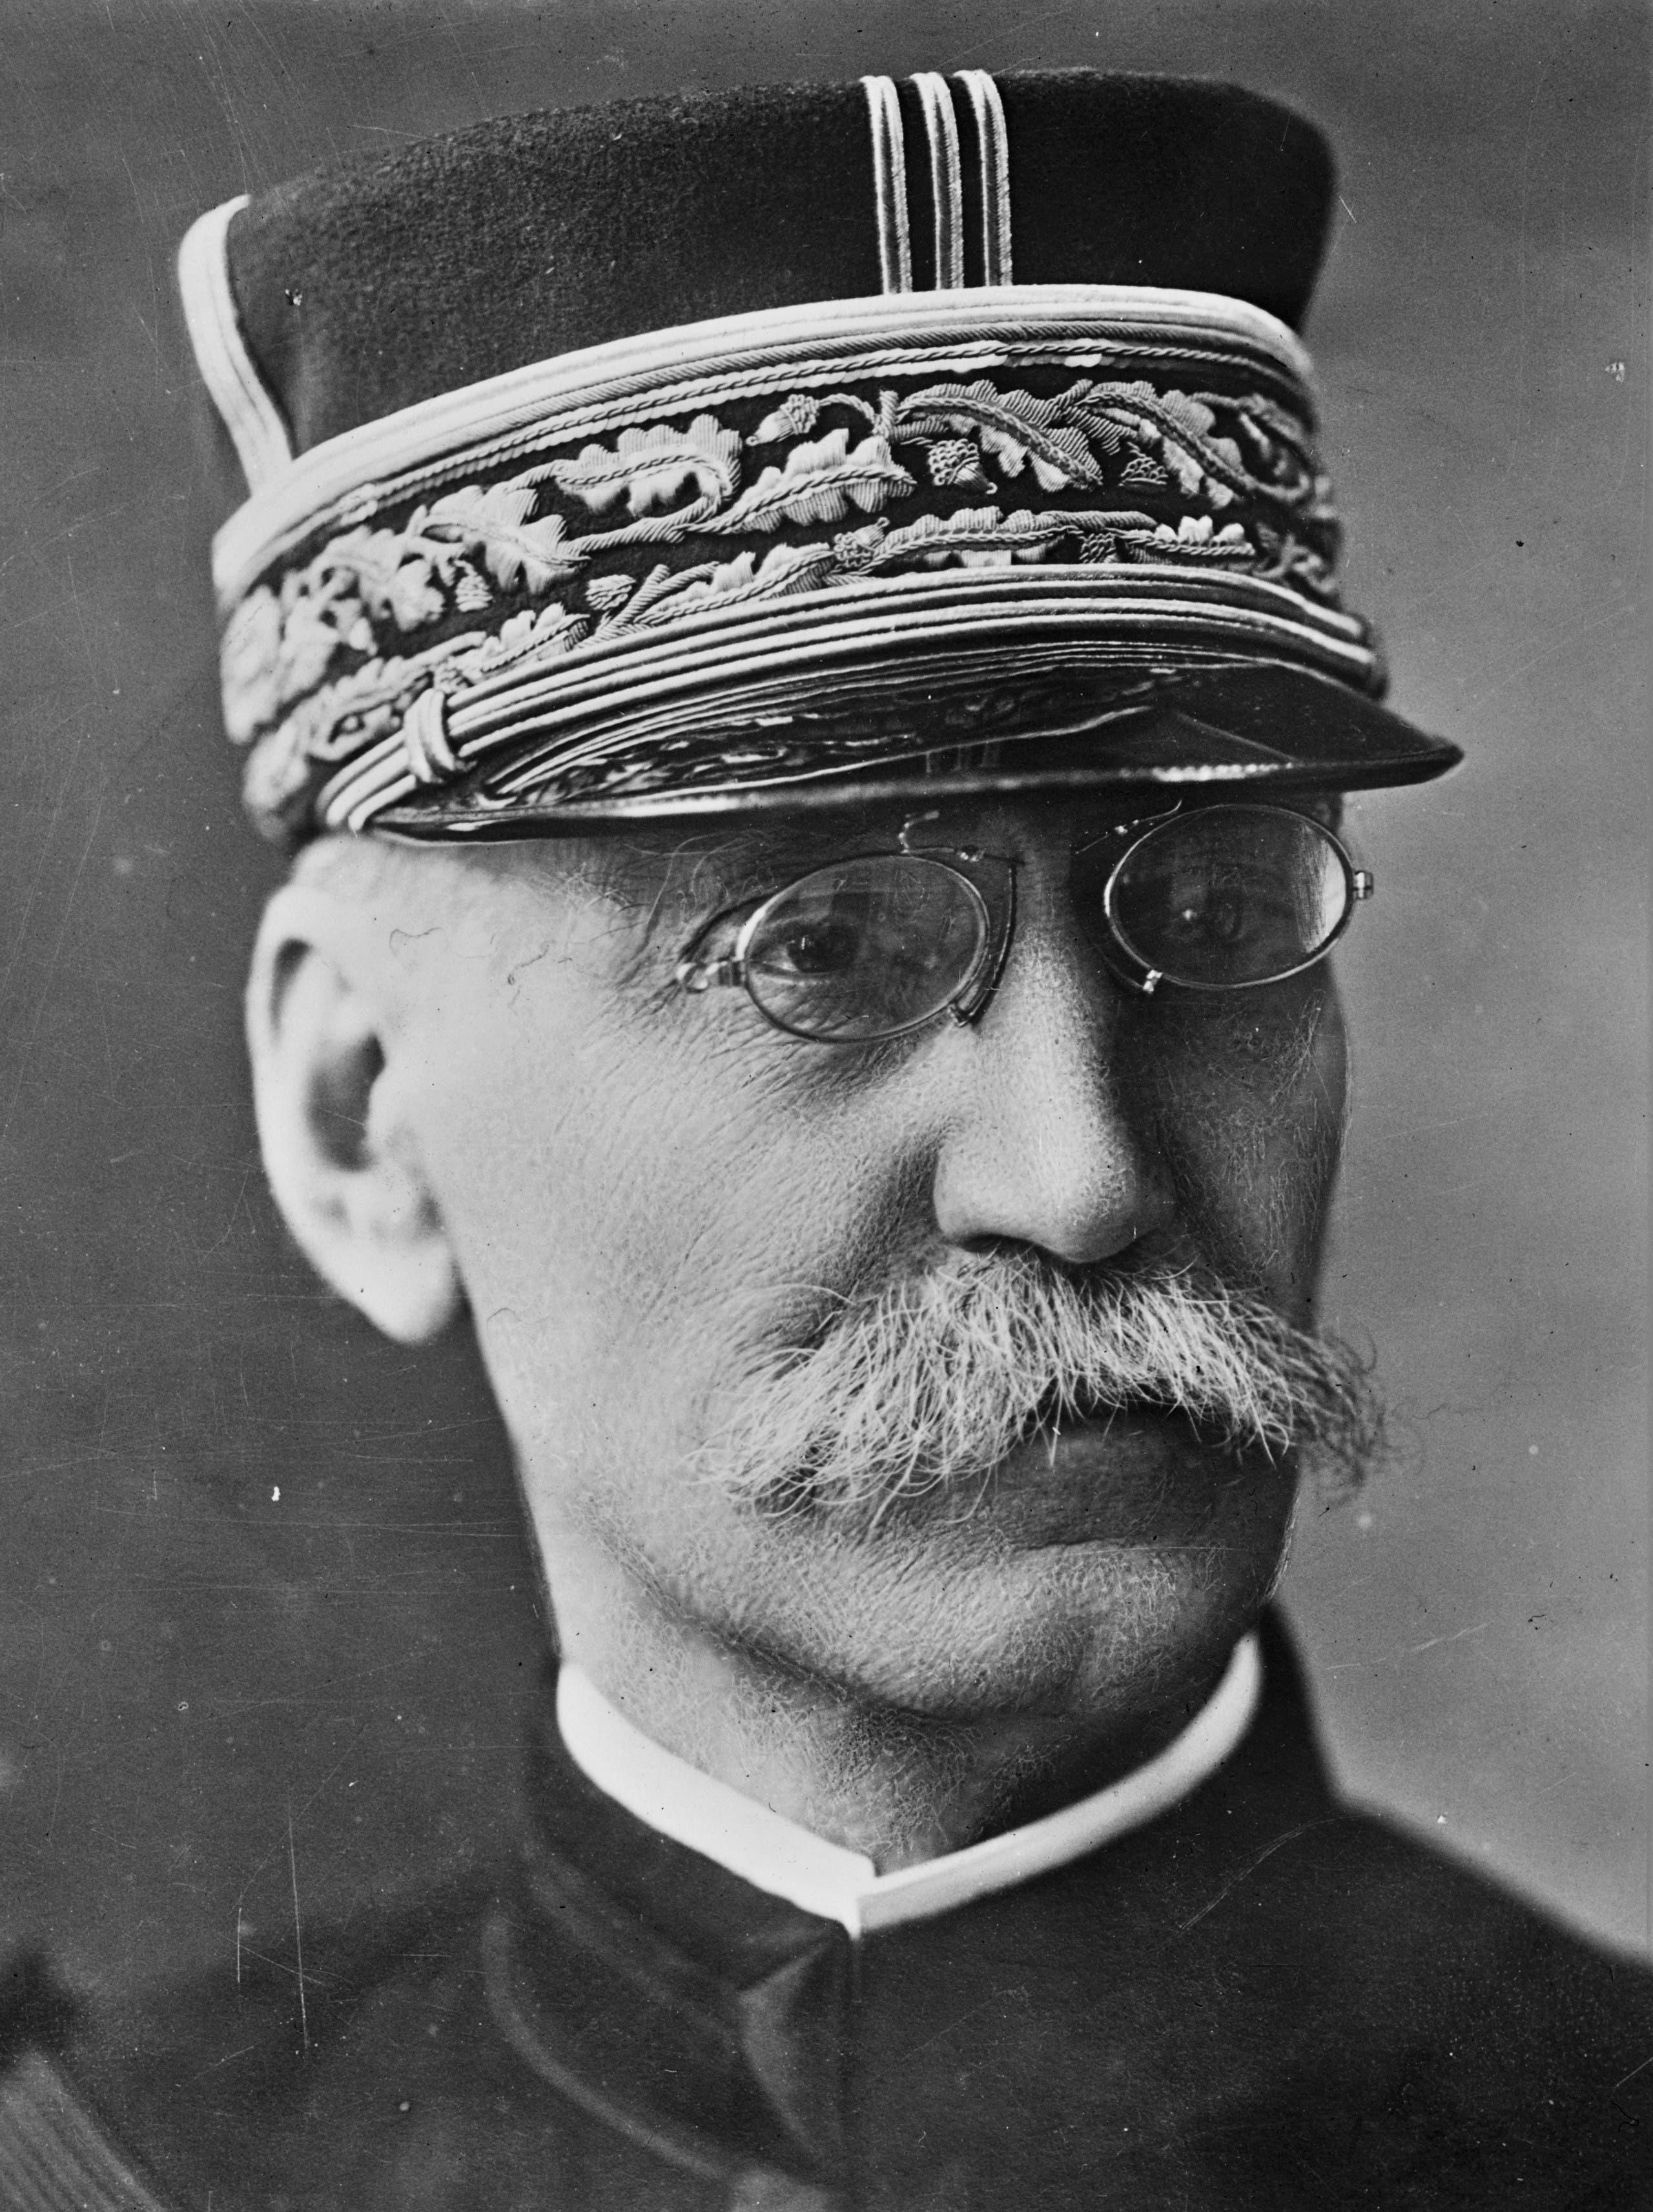 صورة فوتوغرافية للجنرال الفرنسي غالياني